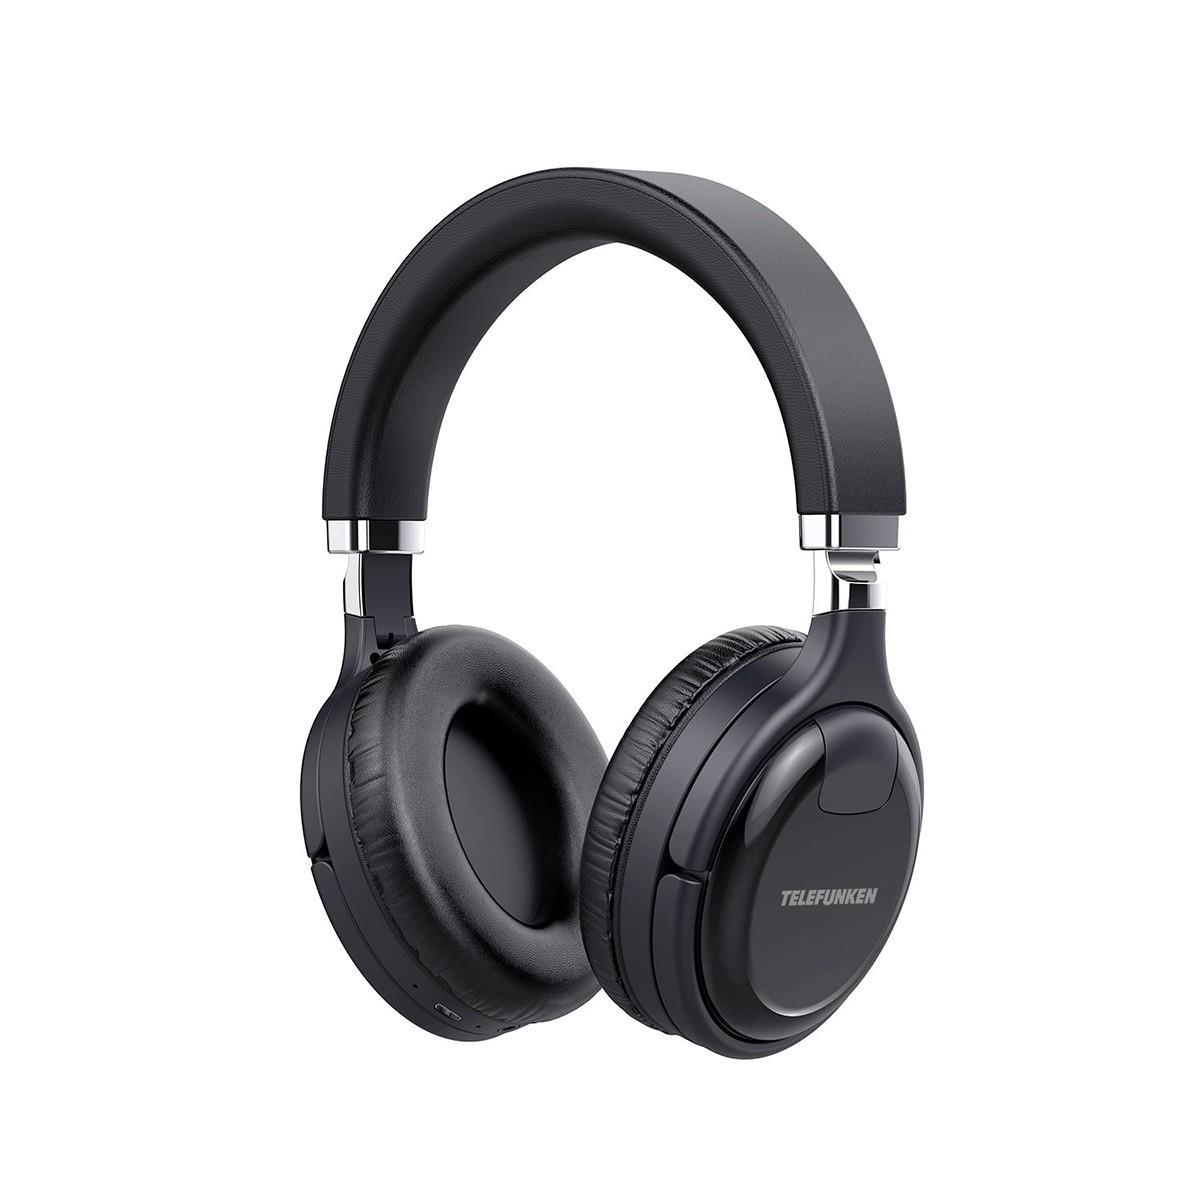 Telefunken Fone de Ouvido Sem Fio TF-H800ANC (Com cancelamento de Ruído)